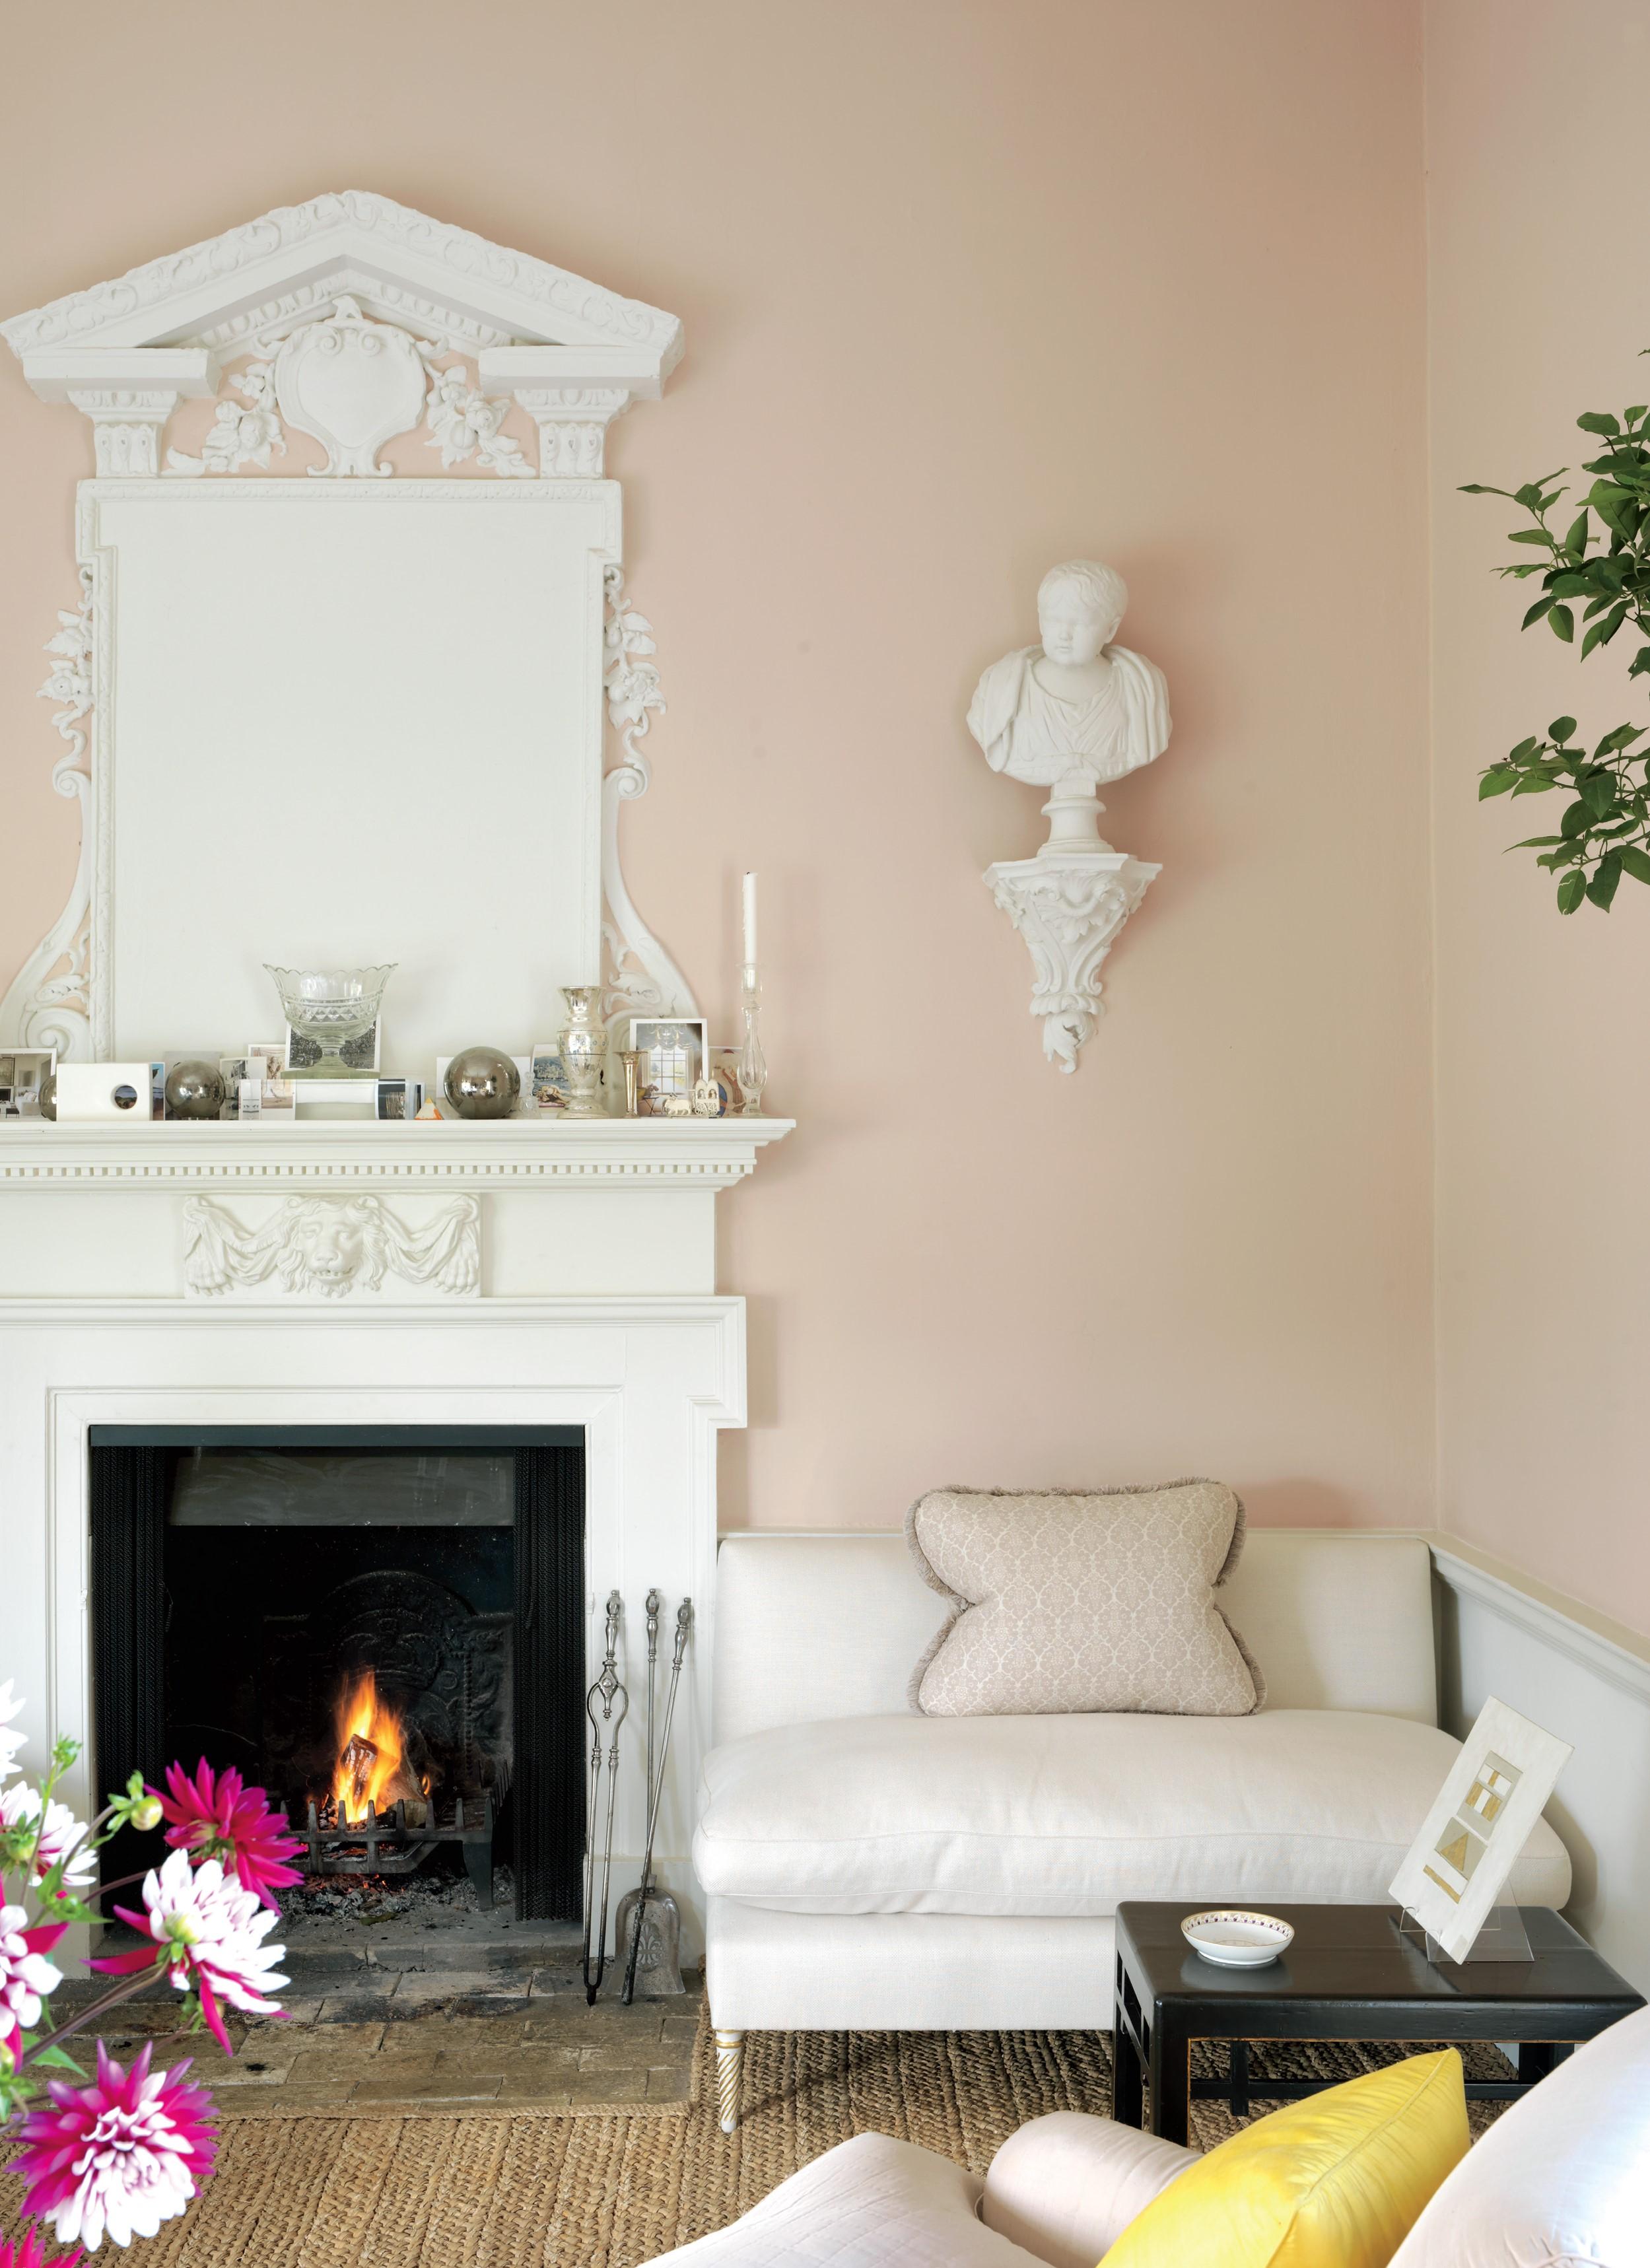 Les accessoires indispensables pour animer la salle de campagne anglaise comprennent des fleurs et des paysages secs encadrés, de la porcelaine murale, des oreillers brodés, des chandeliers en cristal et des vases.